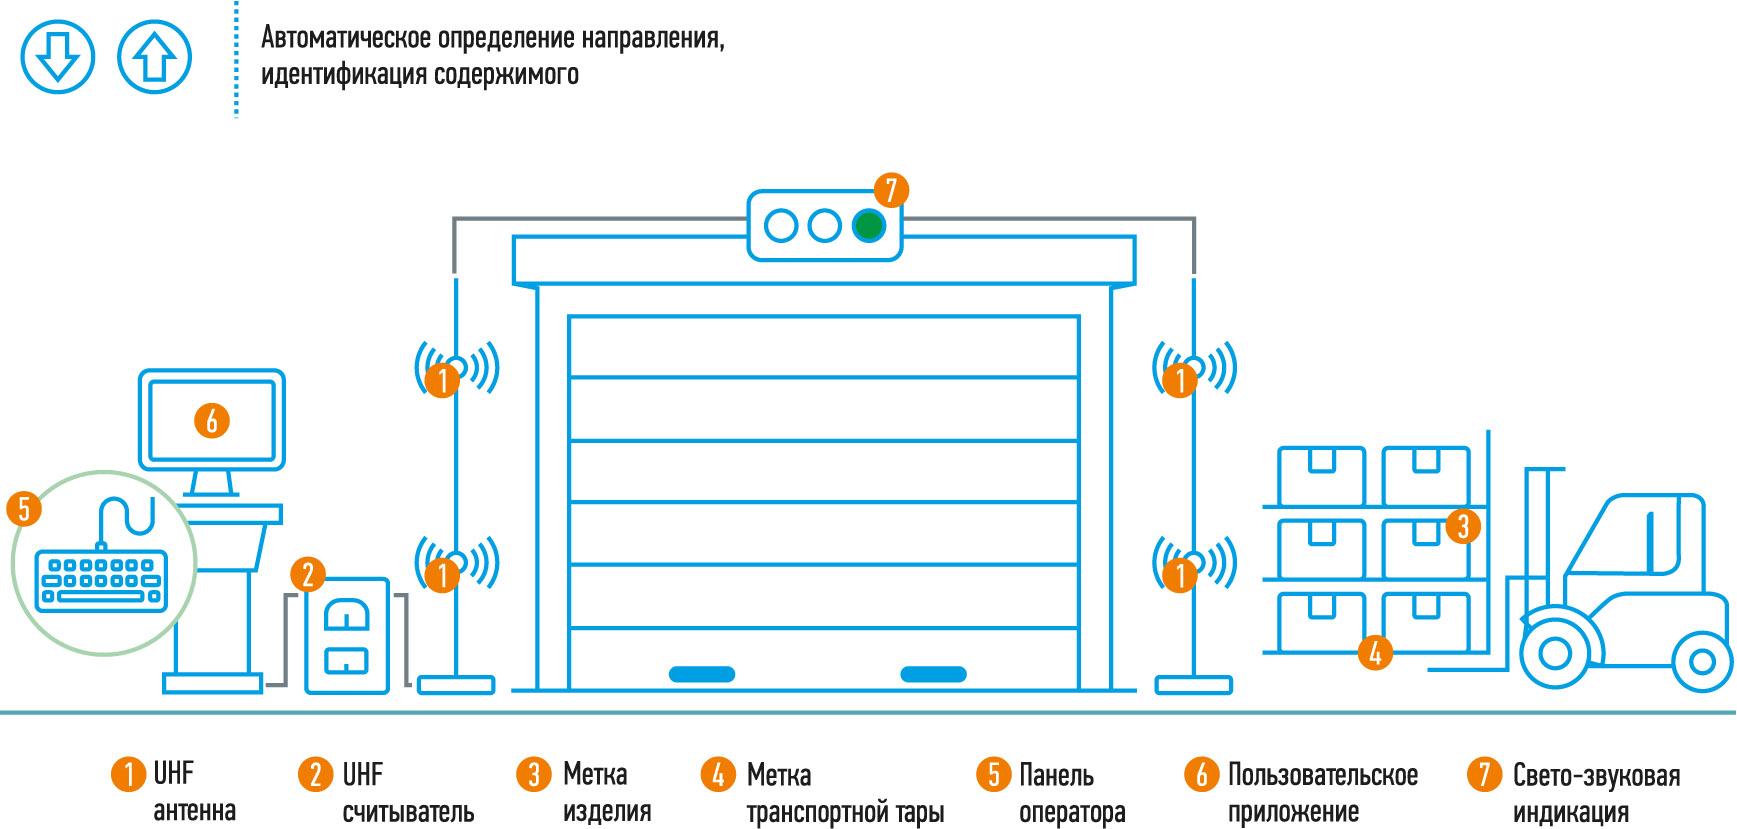 RFID для производственной логистики